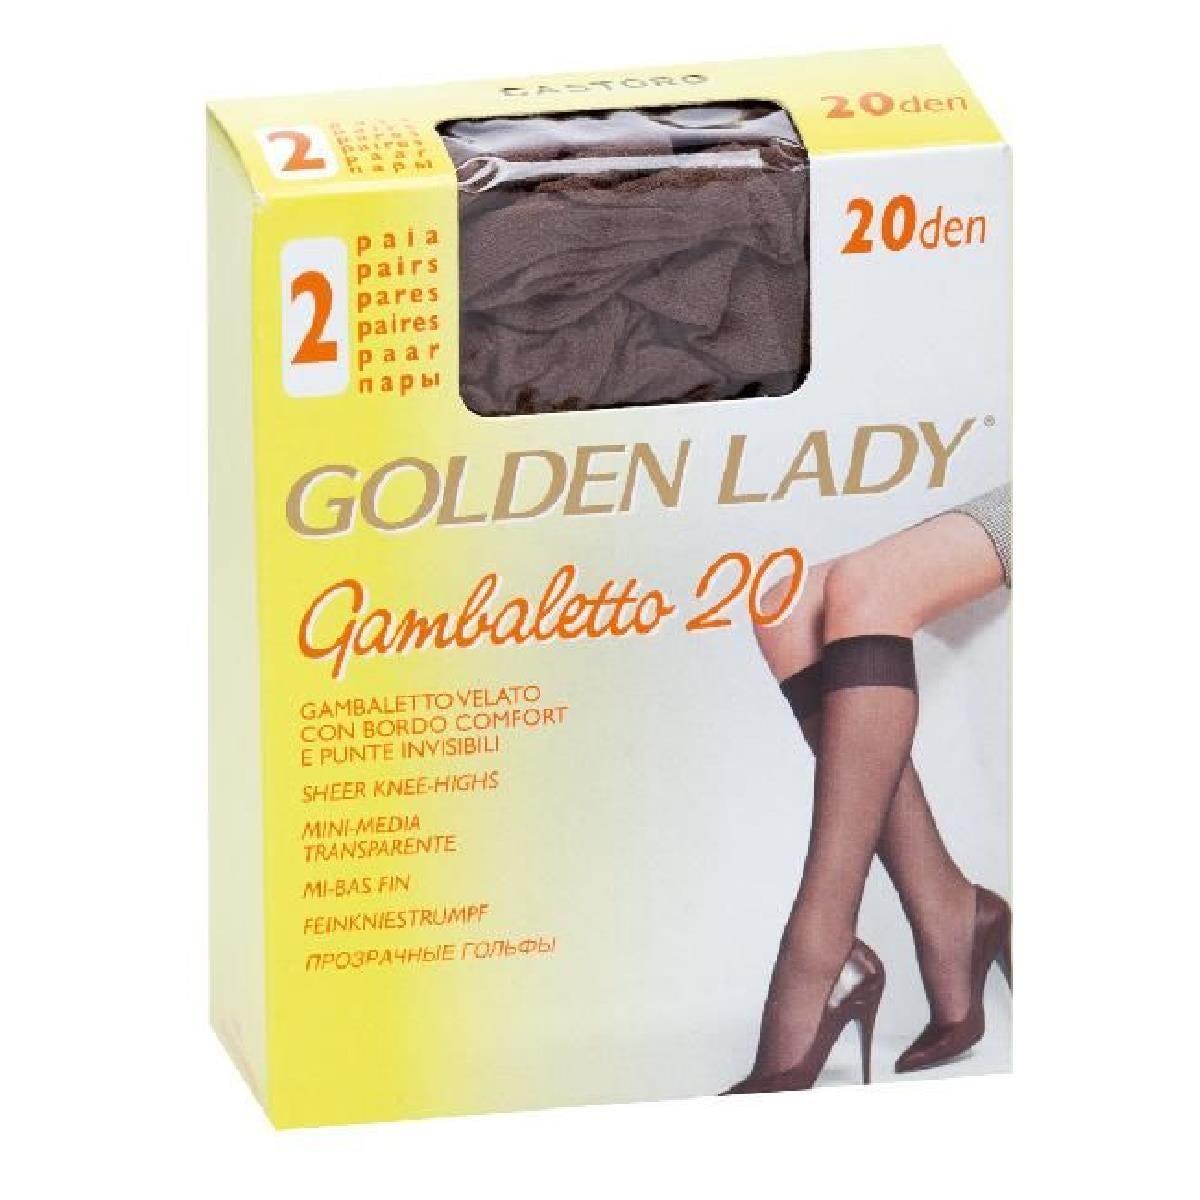 5 PAIA COLLANT BODYFORM 20 GOLDEN LADY TAGLIA 2  COLORE DAINO